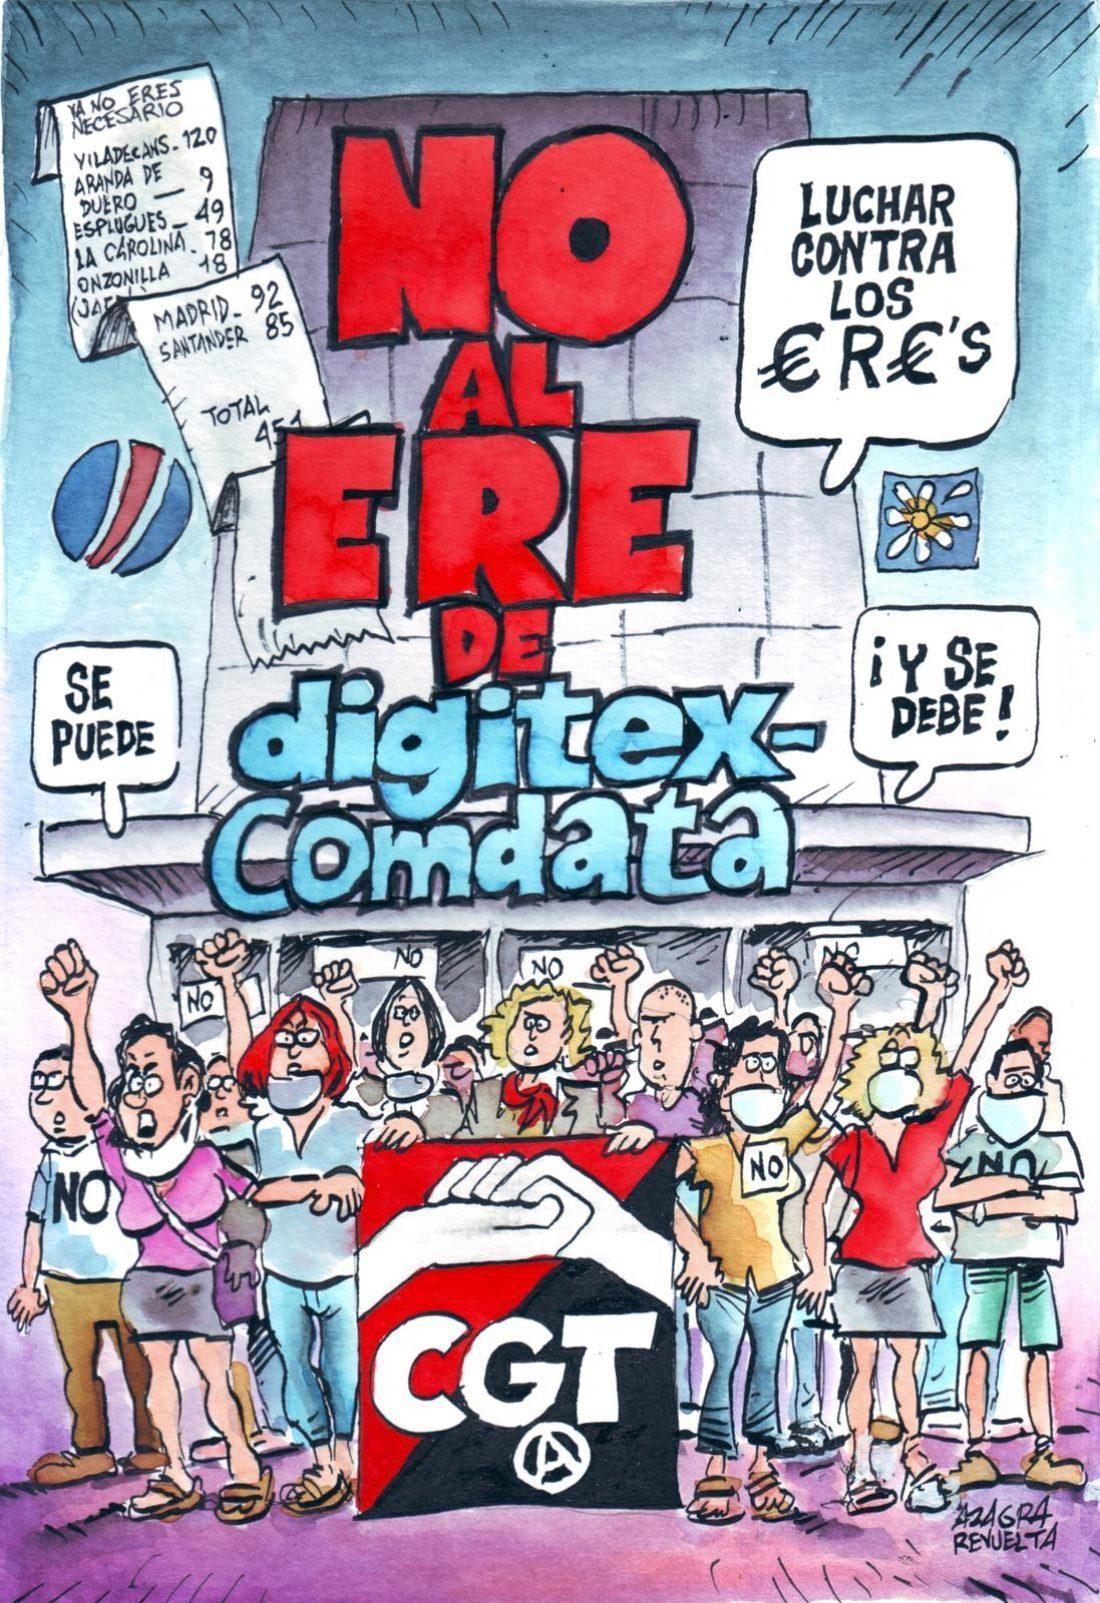 Propuestas de la sección sindical de CGT para la mediación-conciliación en la empresa Digitex